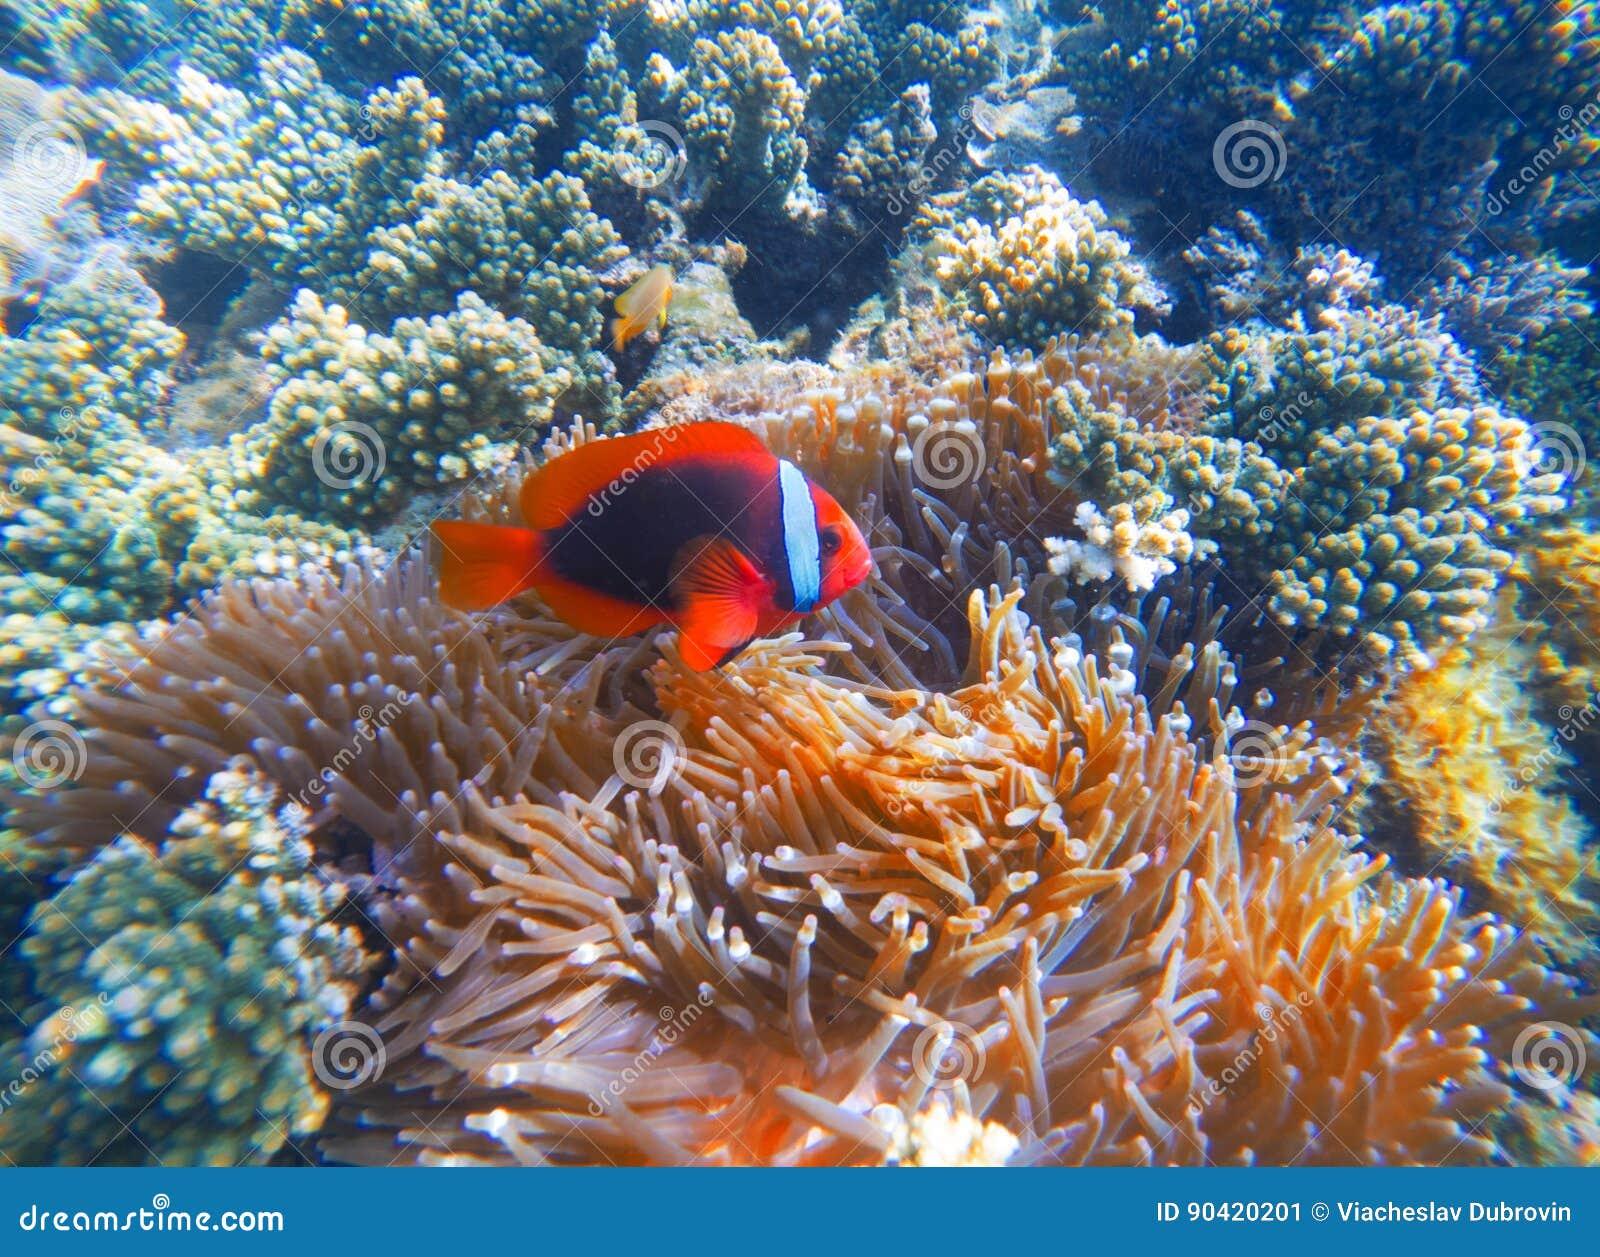 Красные рыбы клоуна в фото крупного плана actinia Clownfish в коралловом рифе